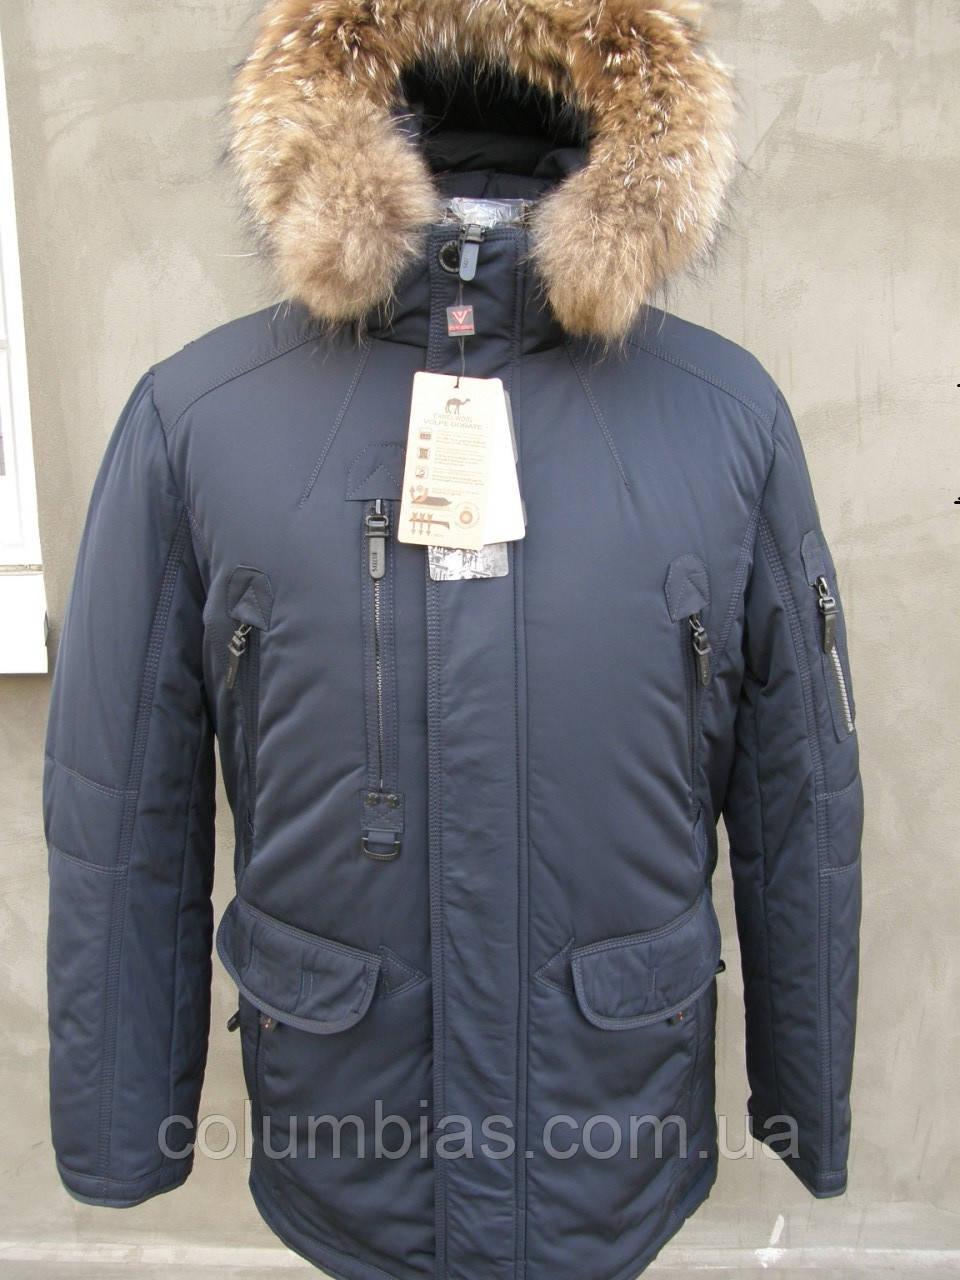 Польская зимняя куртка на верблюжей шерсти - ВЕСЬ ТОВАР В НАЛИЧИИ. ЗВОНИТЕ  В ЛЮБОЕ ВРЕМЯ b4fa72e5c04